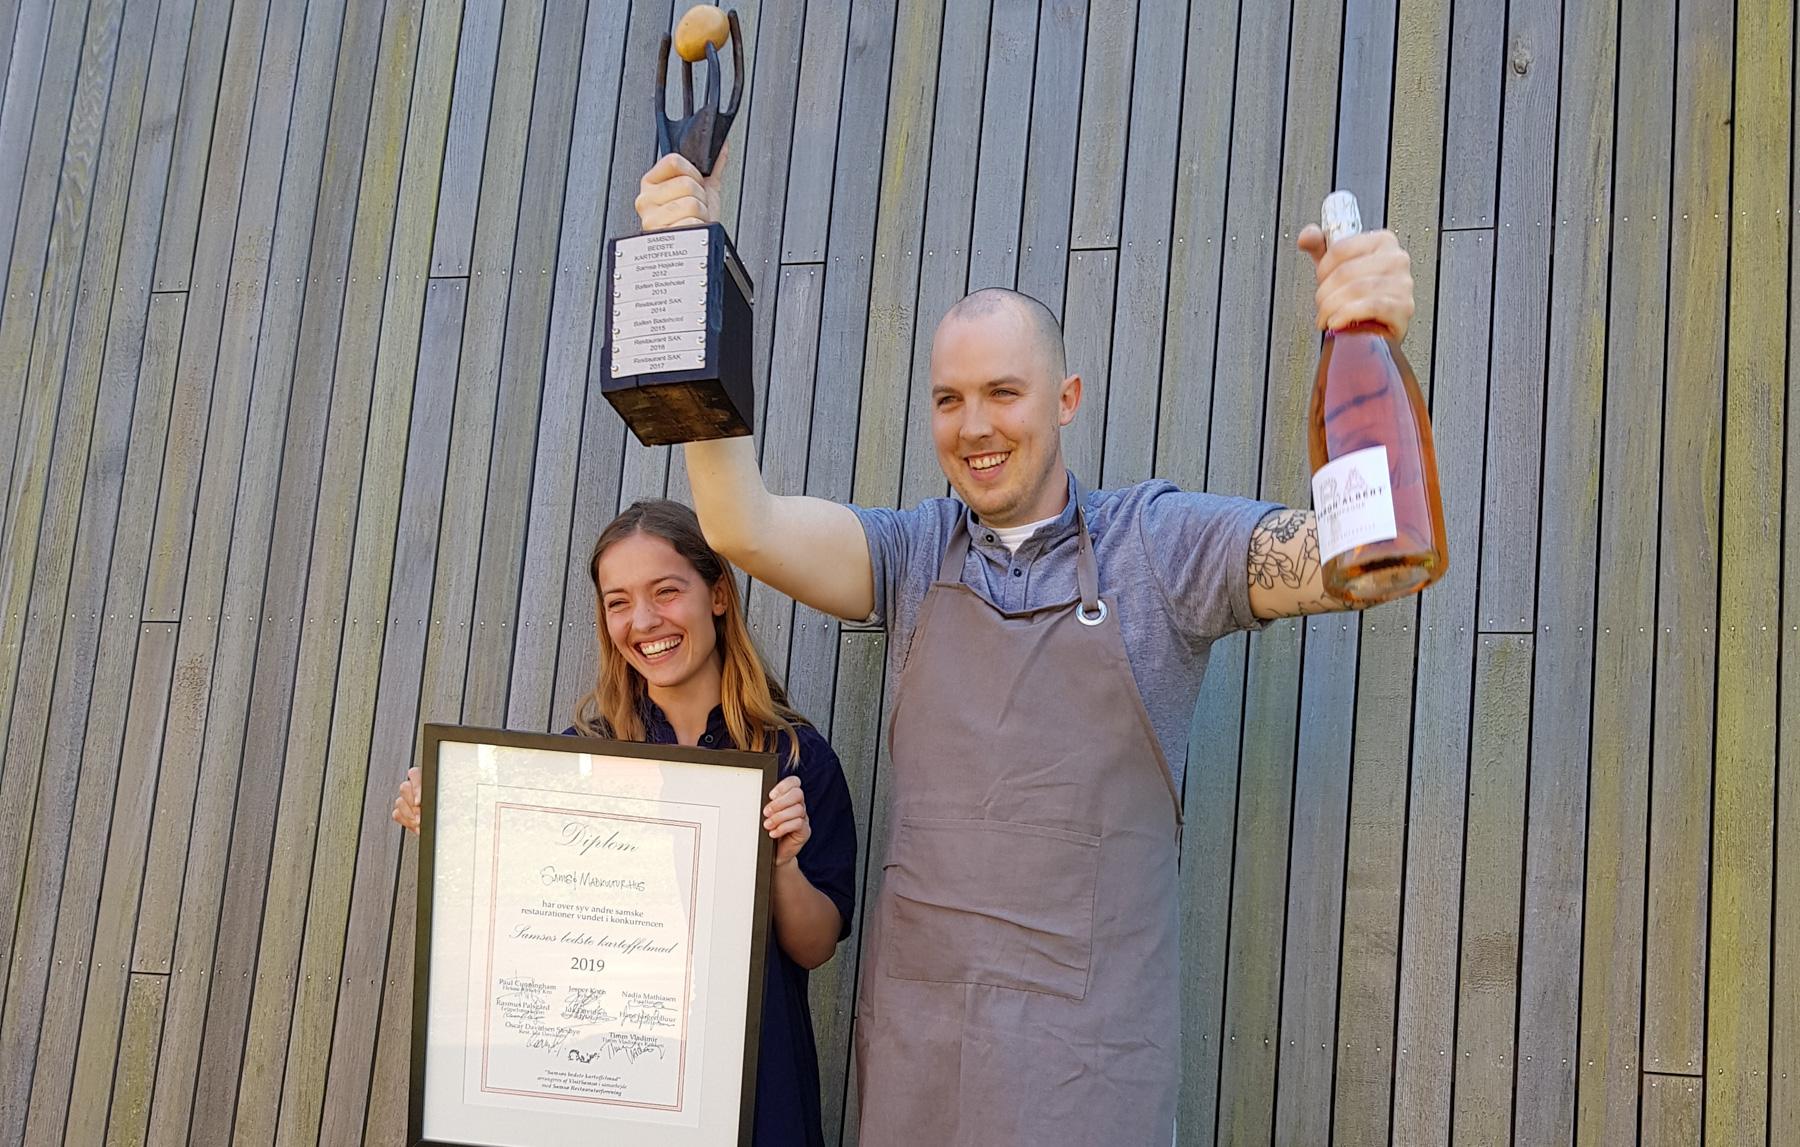 Samsøs bedste kartoffelmad: Vinderen af Samsøs bedste kartoffelmad 2019